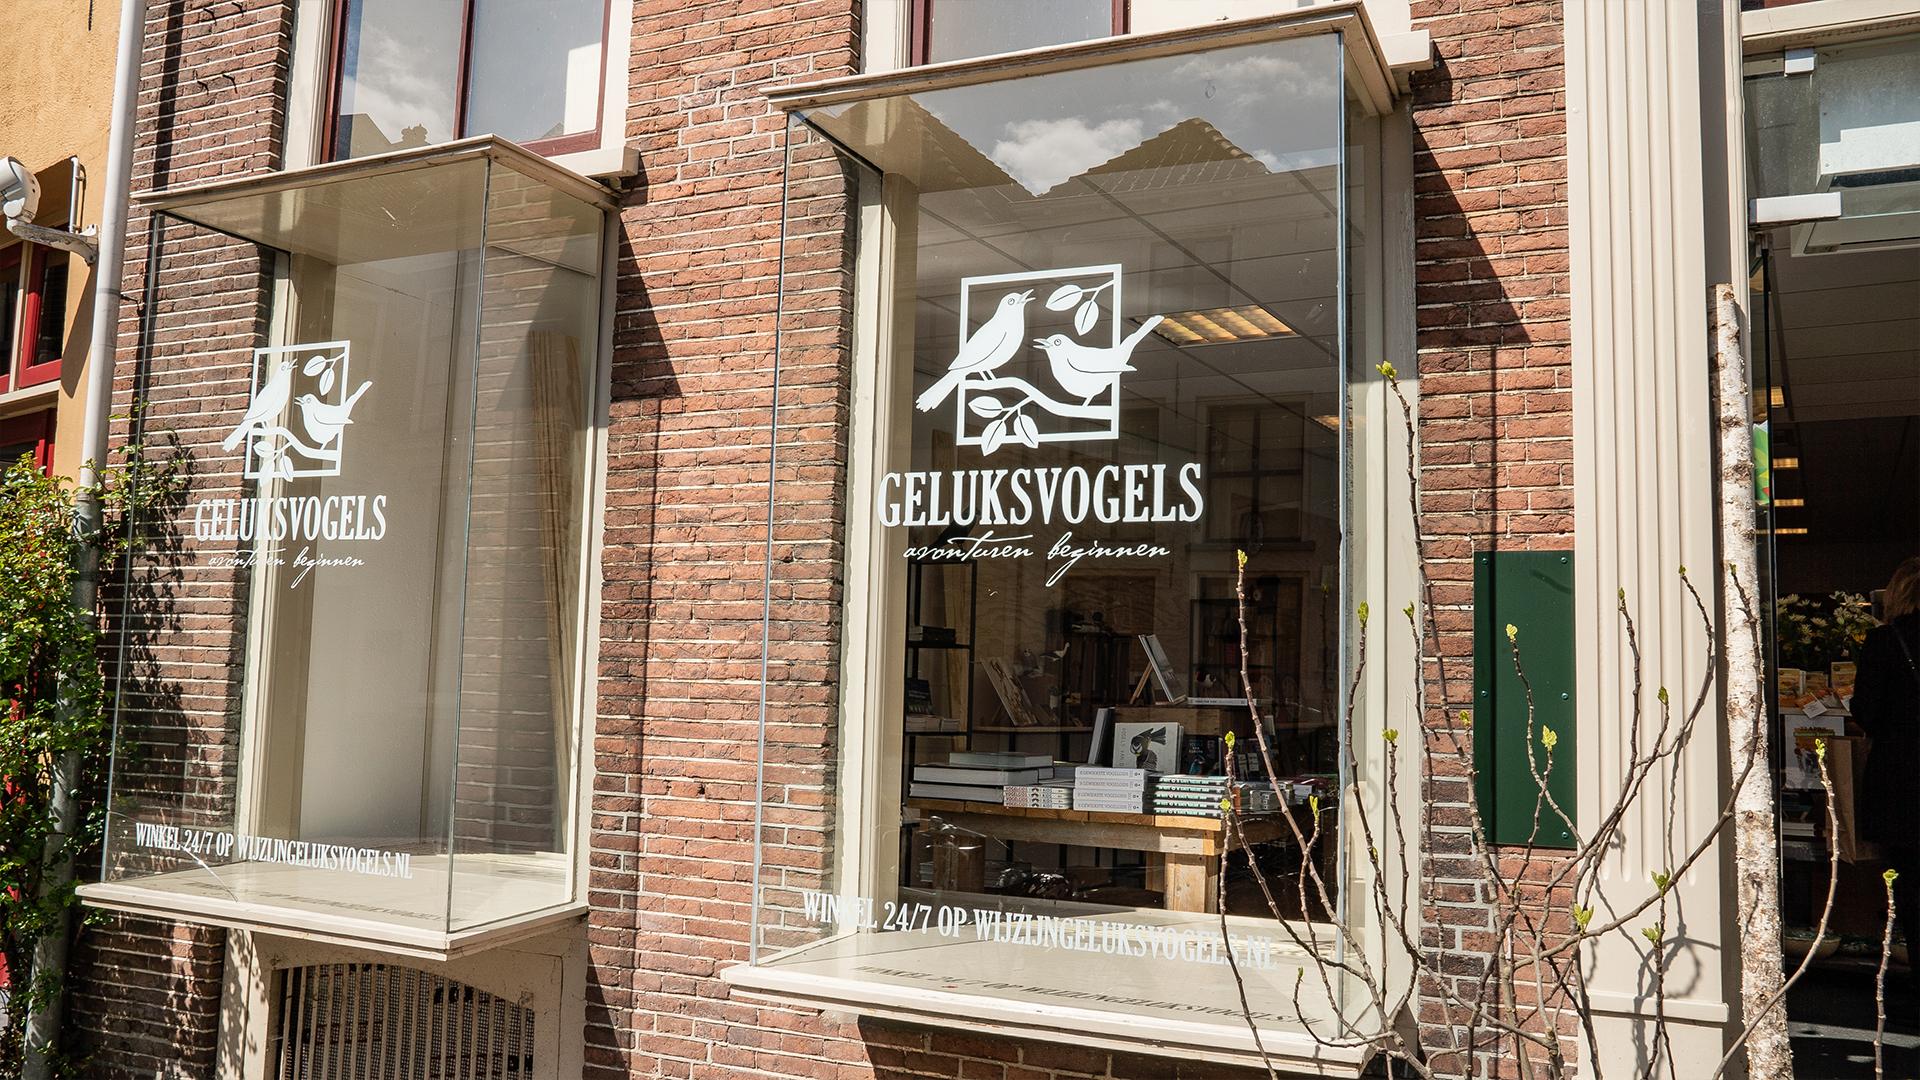 Geluksvogels - Signing - raamsticker - Zutphen - Lutim Creatief Mediabureau - Wij Maken Jouw Communicatie